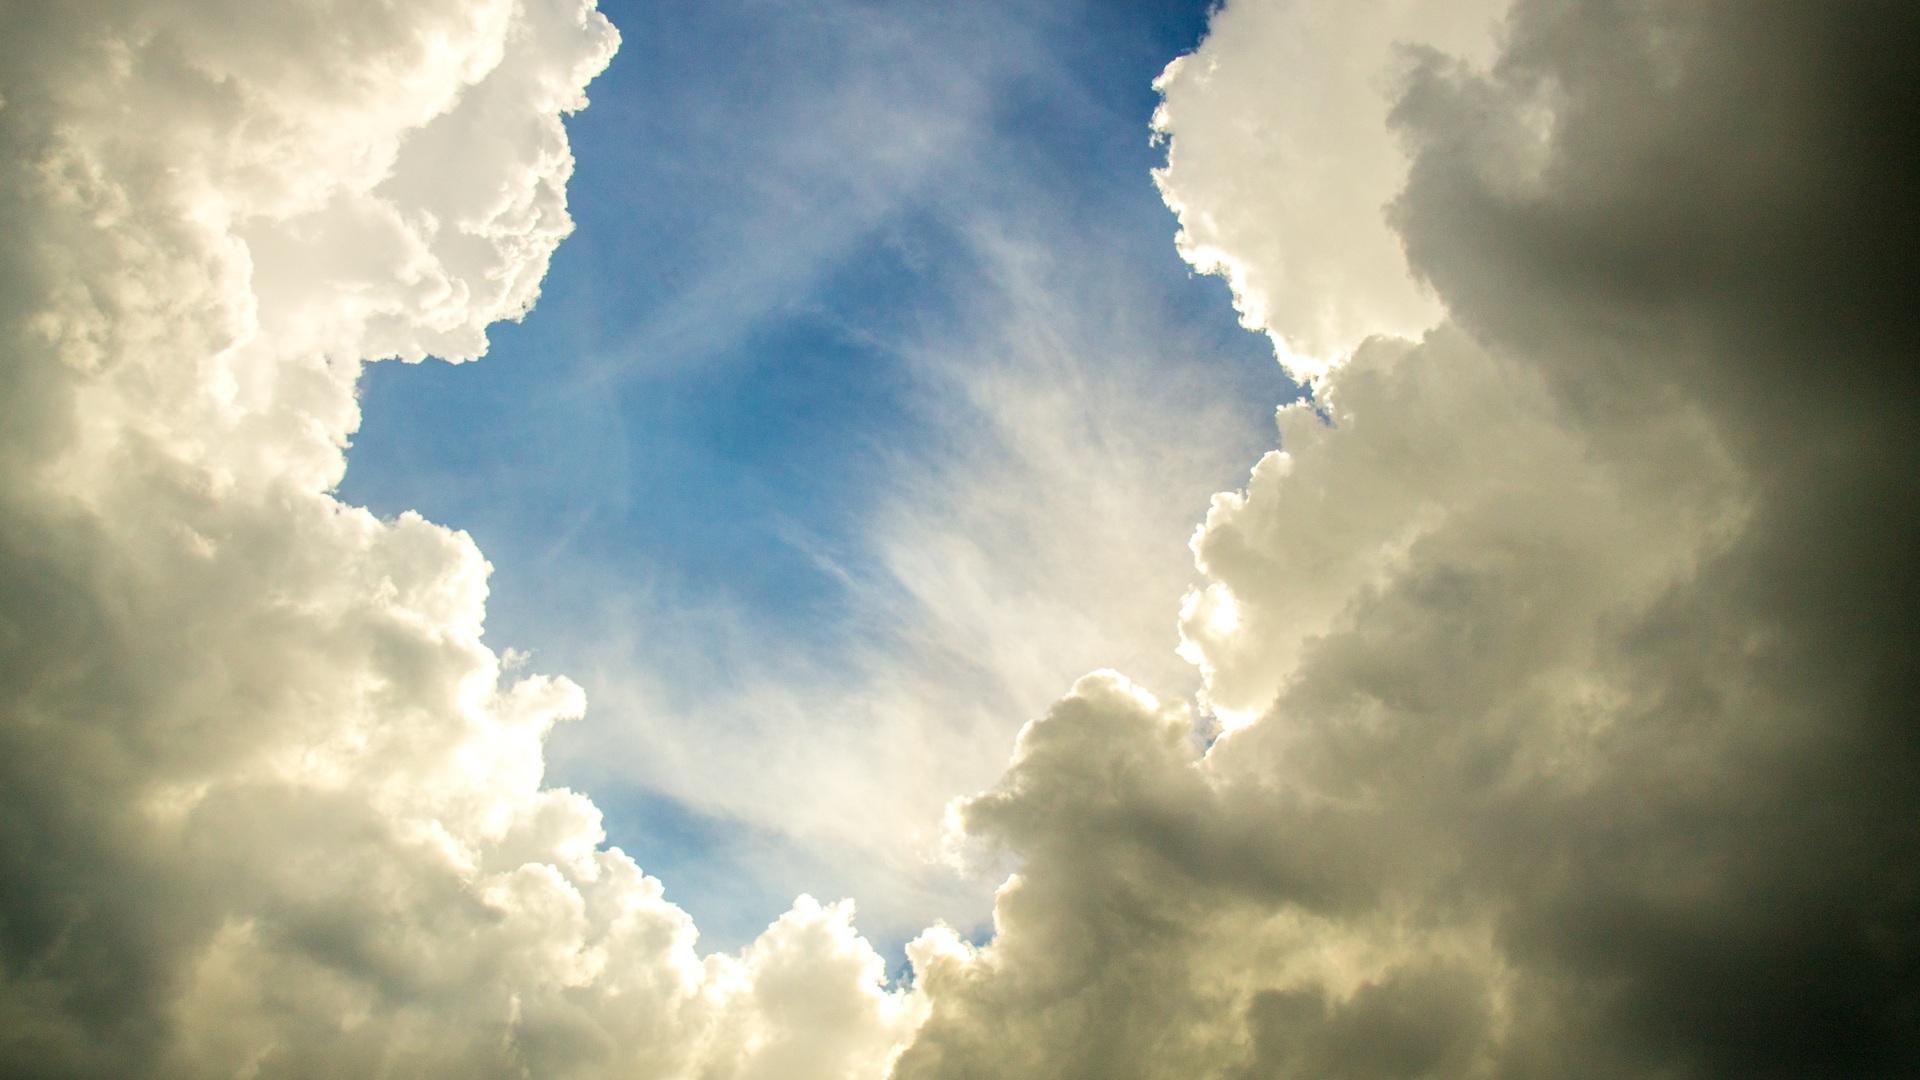 1920x1080 Clean Clouds Sky 4k Laptop Full Hd 1080p Hd 4k